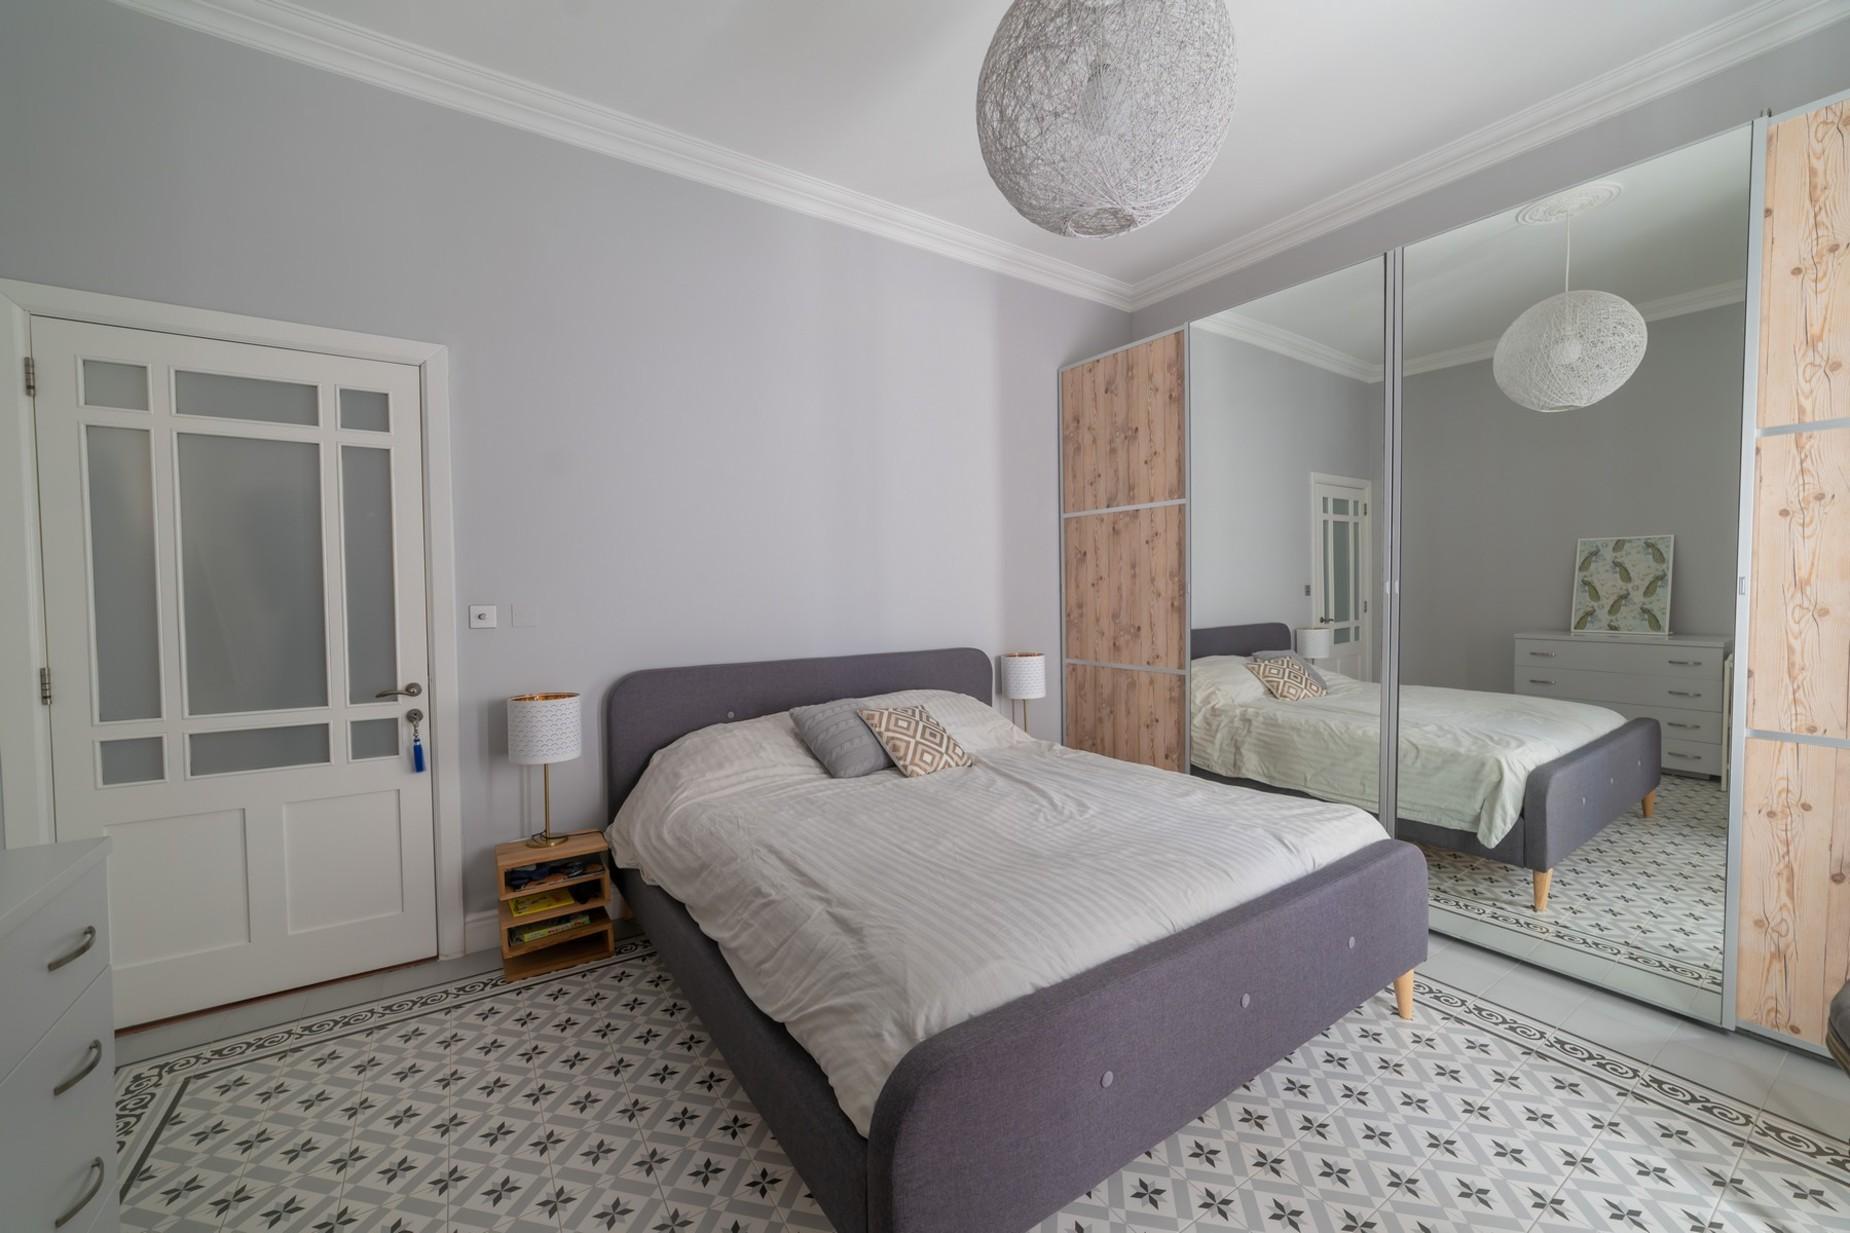 4 bed Apartment For Sale in Ta' Xbiex, Ta' Xbiex - thumb 11